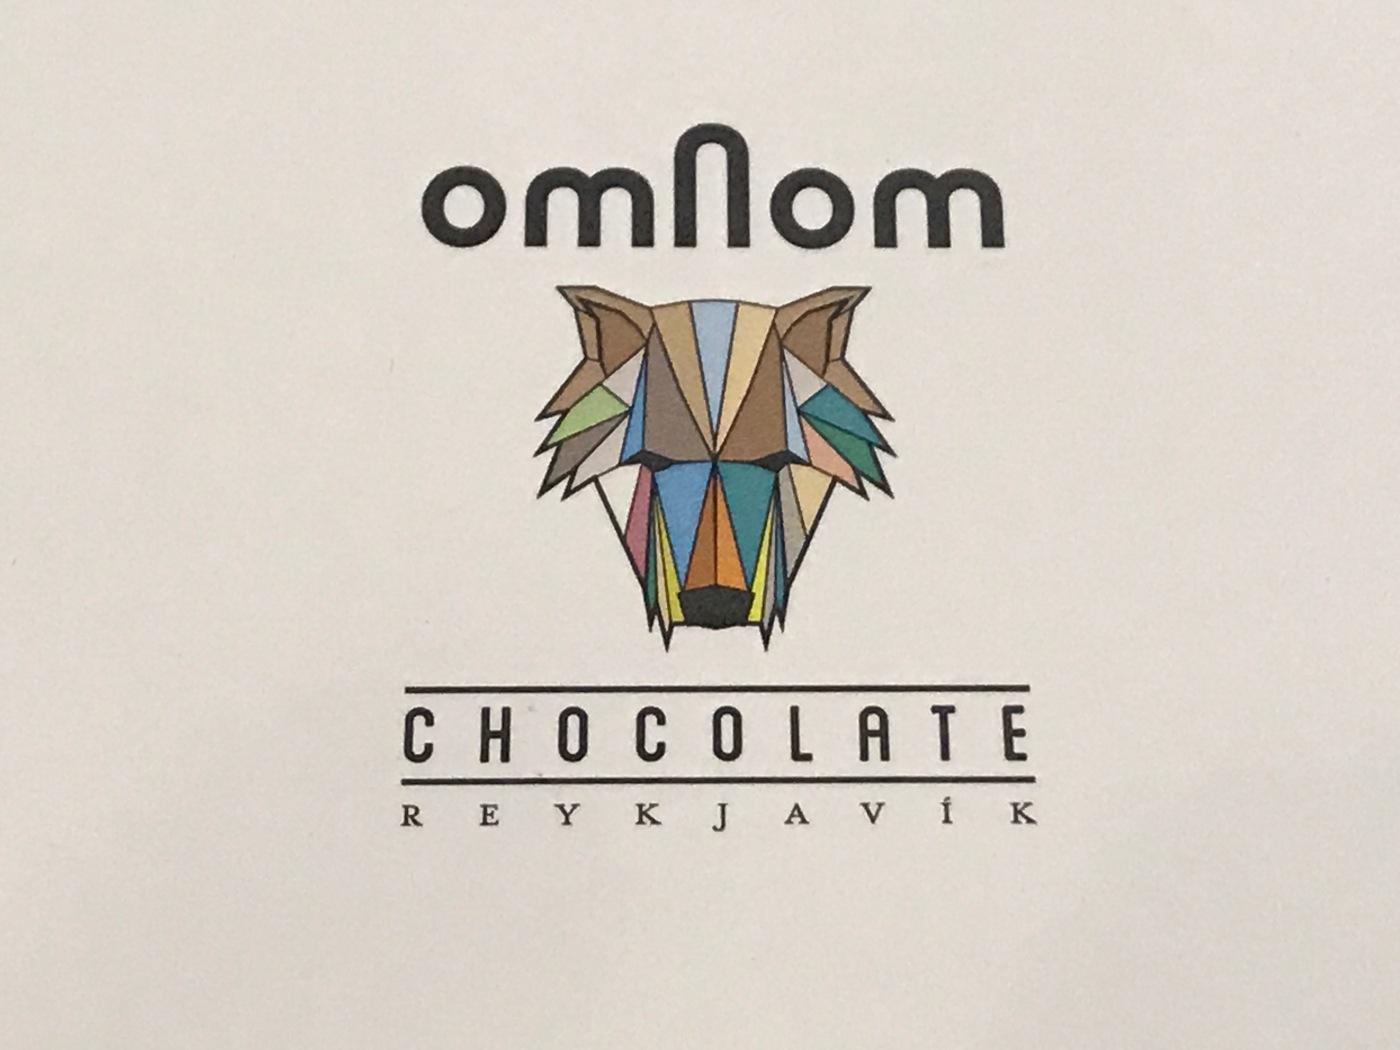 Omnom Chocolate's Iconic Wolf Logo in Reykjavík, Iceland